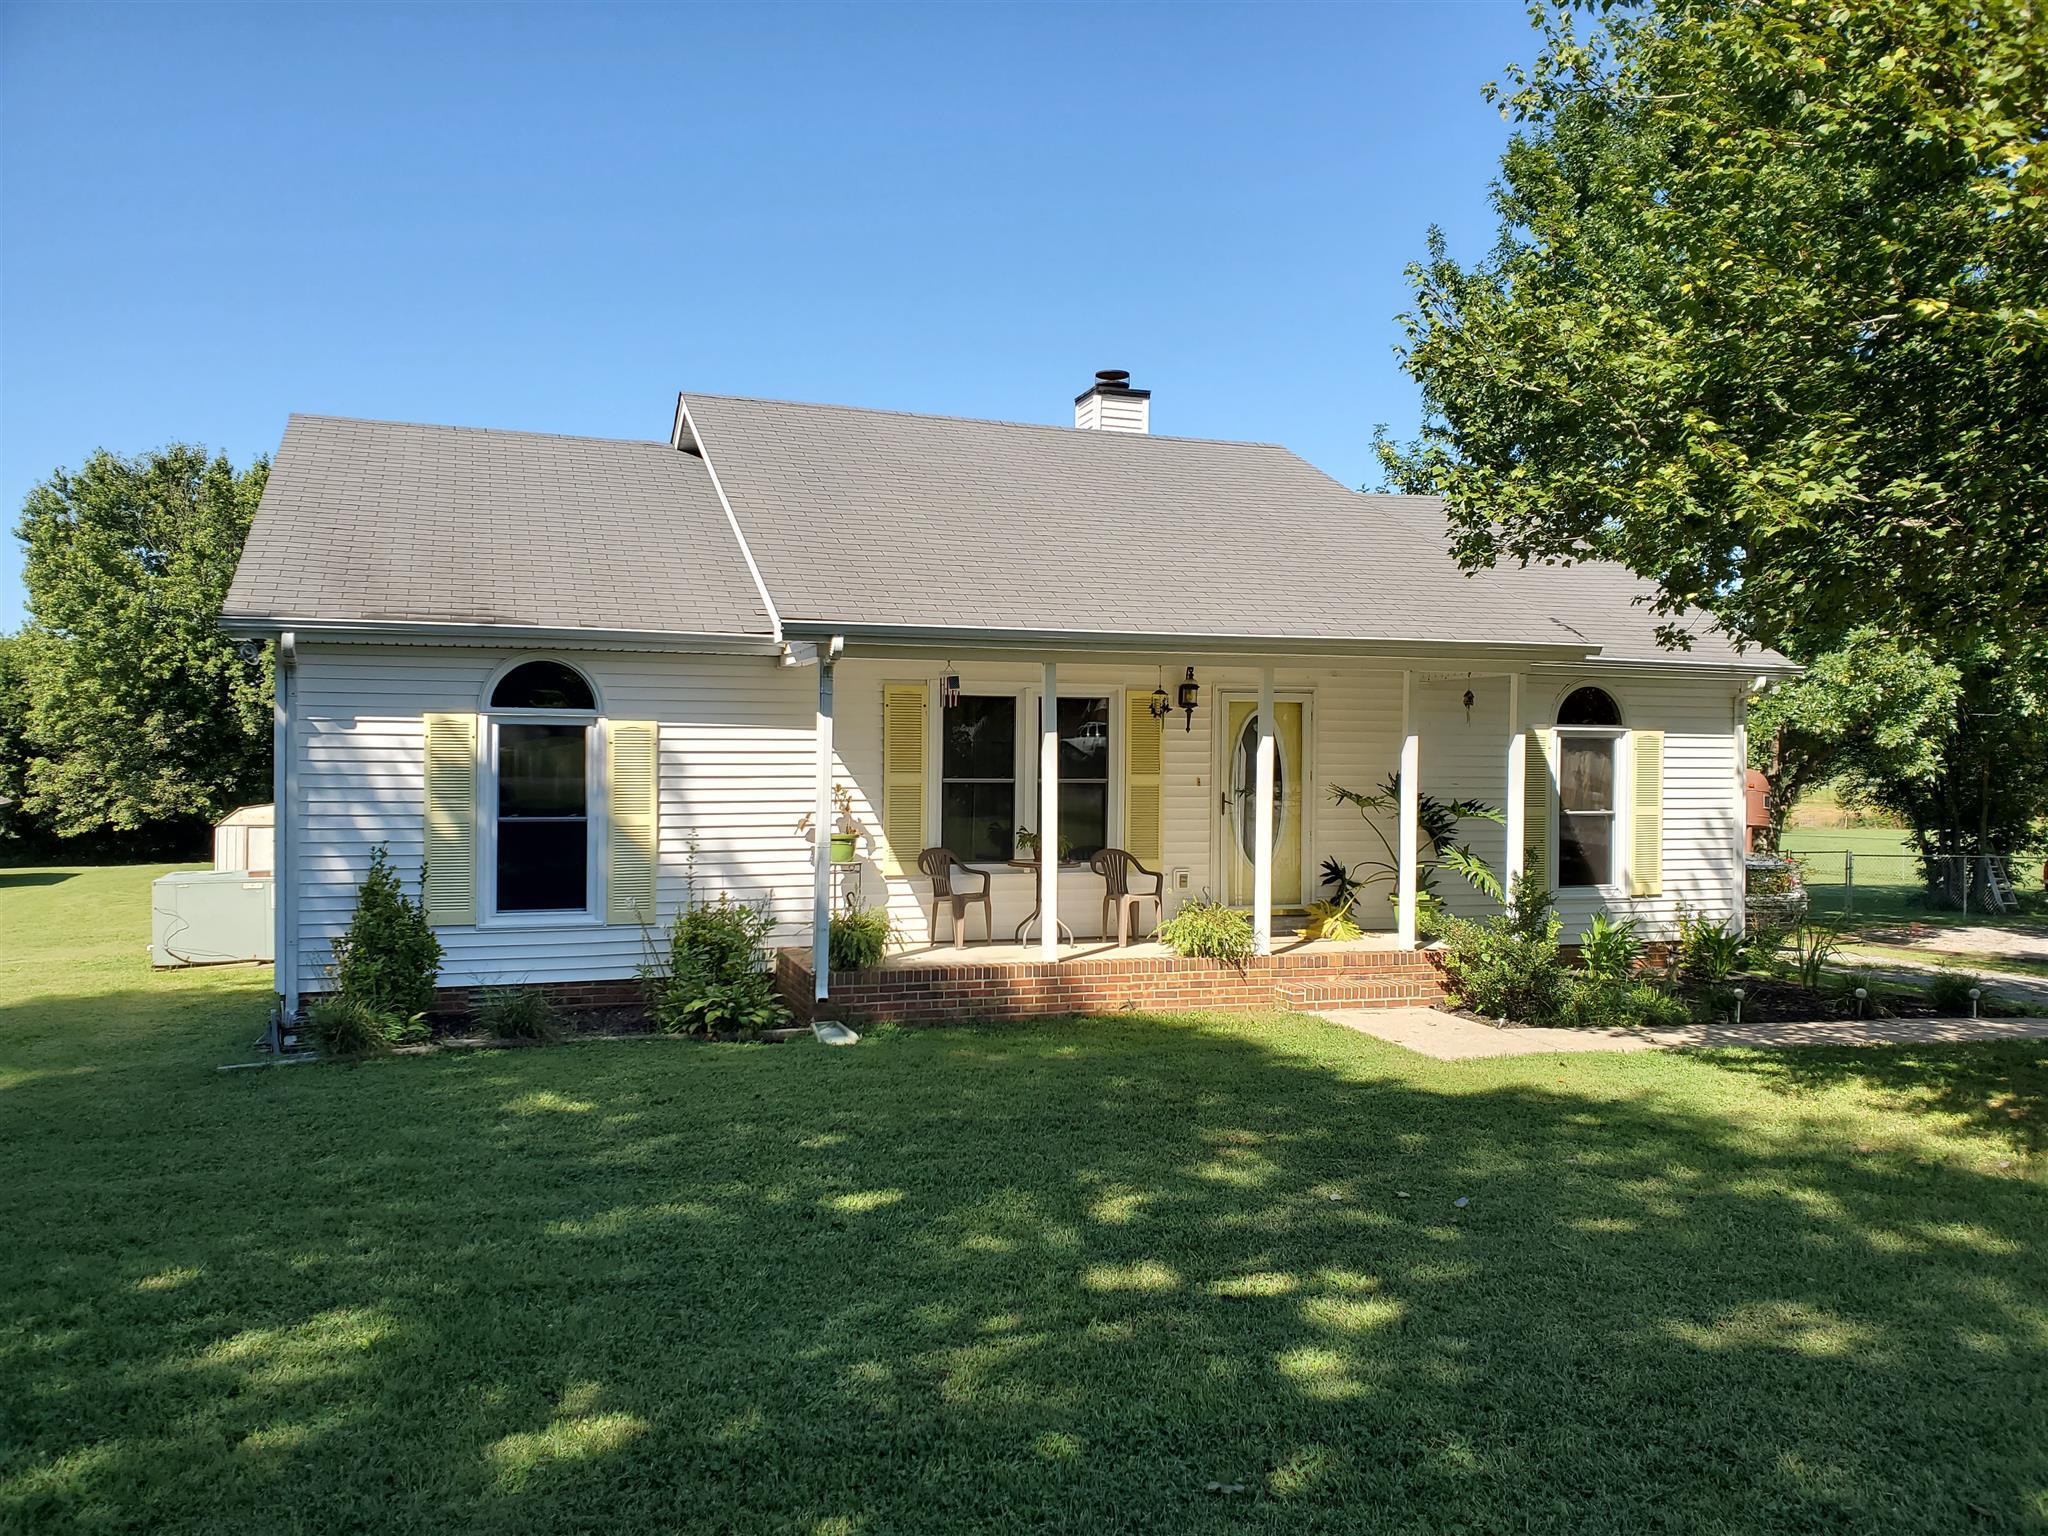 5420 Salemview Ct Rockvale, TN 37153